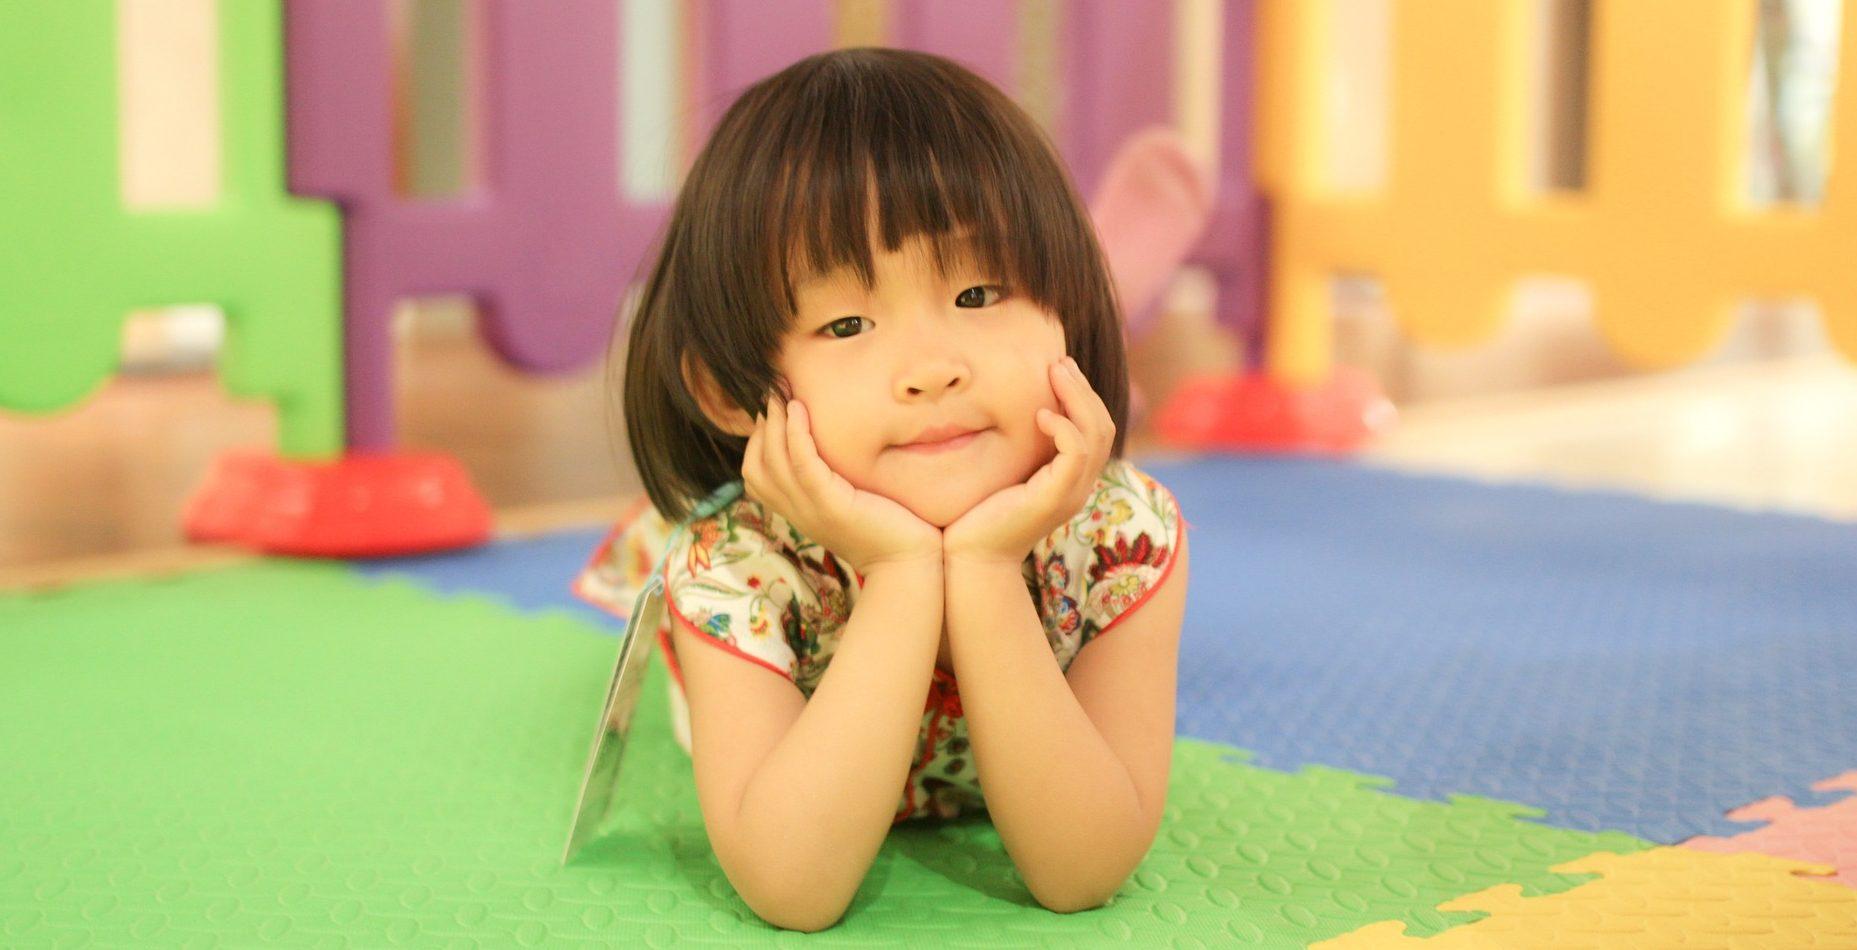 Raising Third Culture Kids (TCKs)